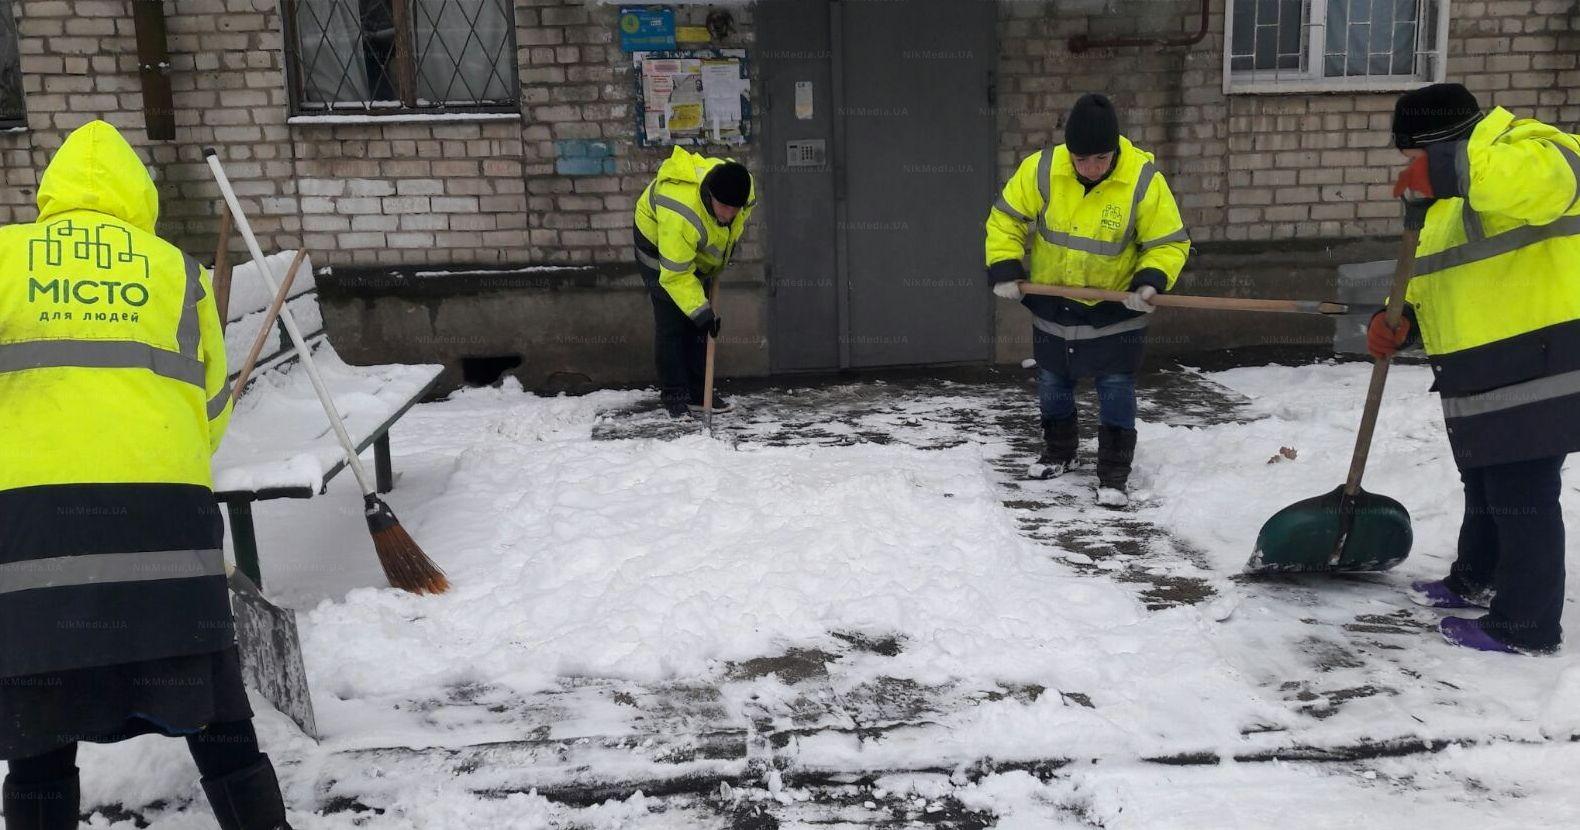 Специалисты «Місто для людей» вышли на расчистку и посыпку придомовой территории